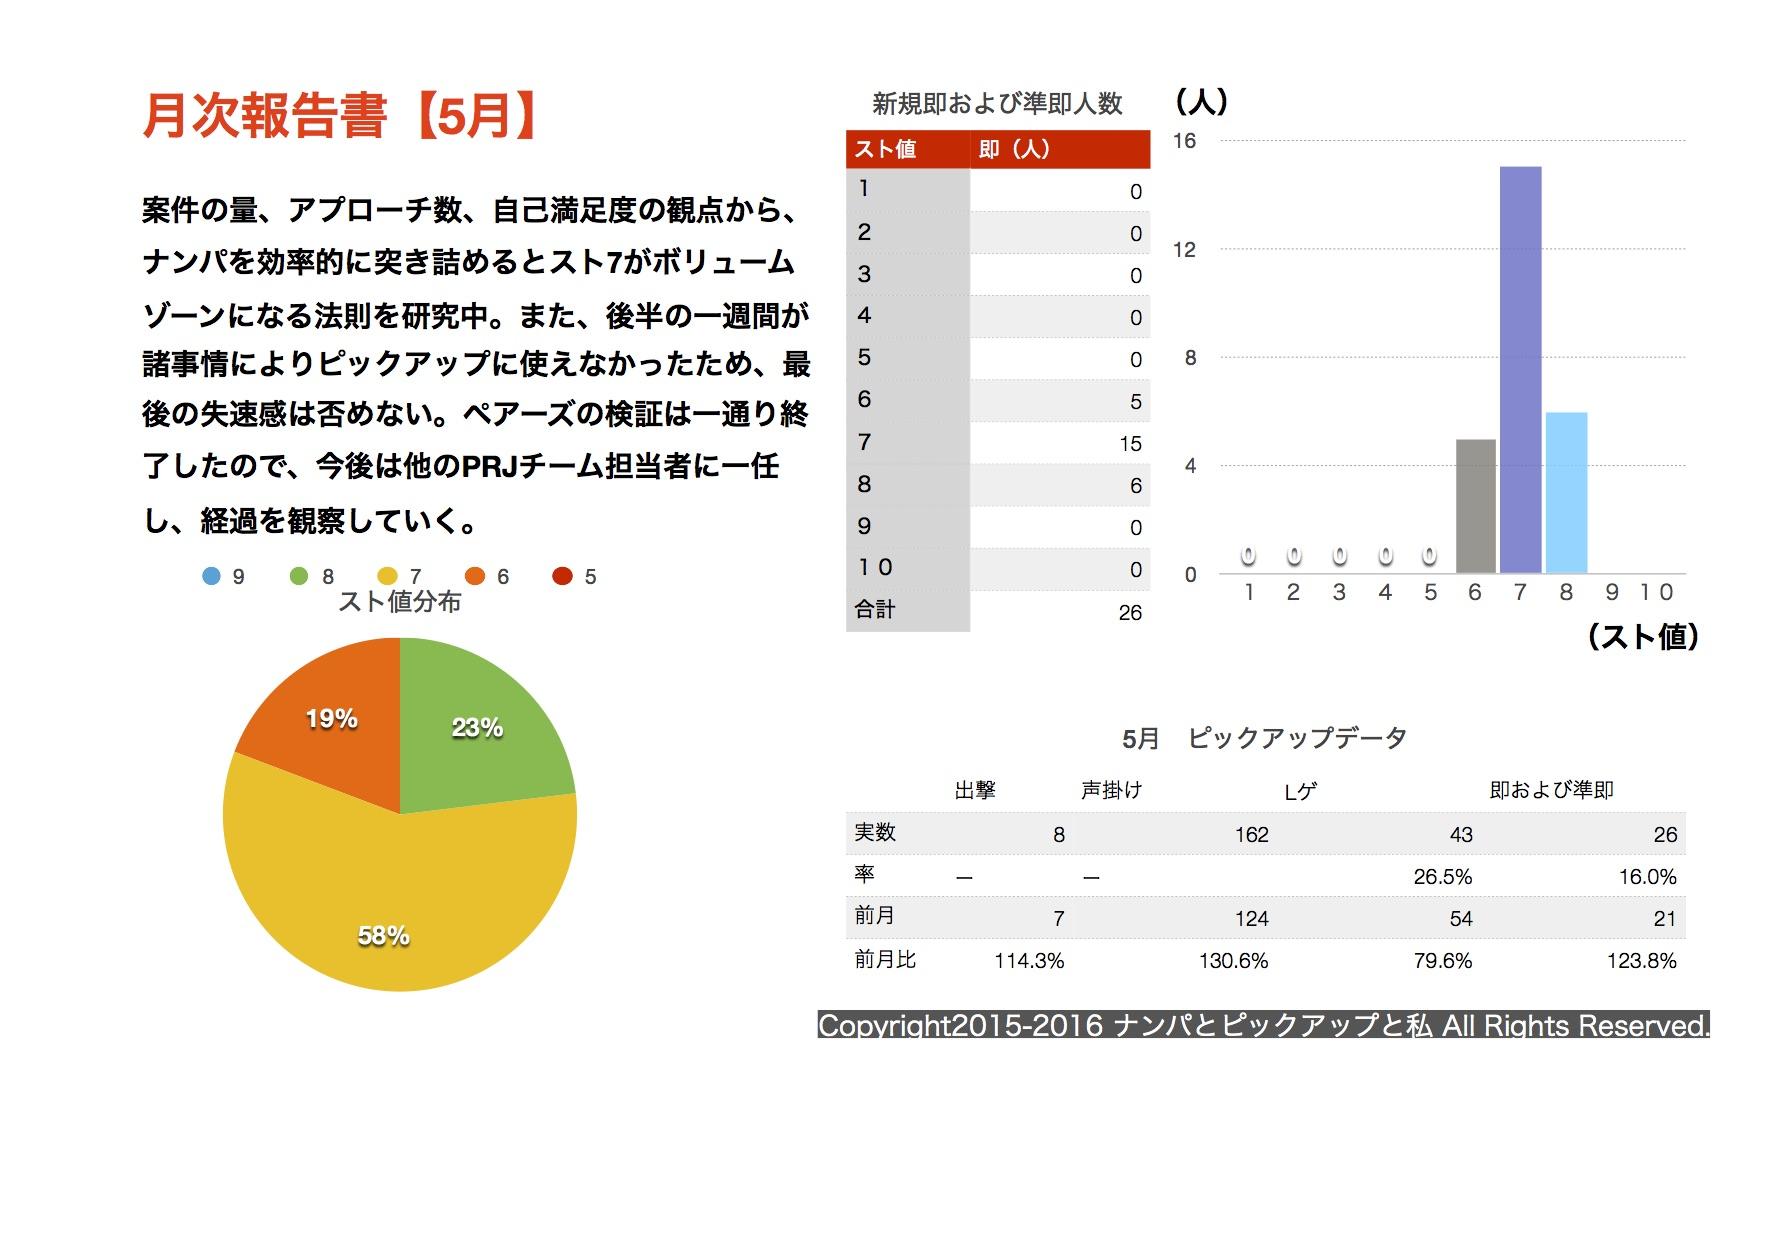 (2016.5)月次報告書